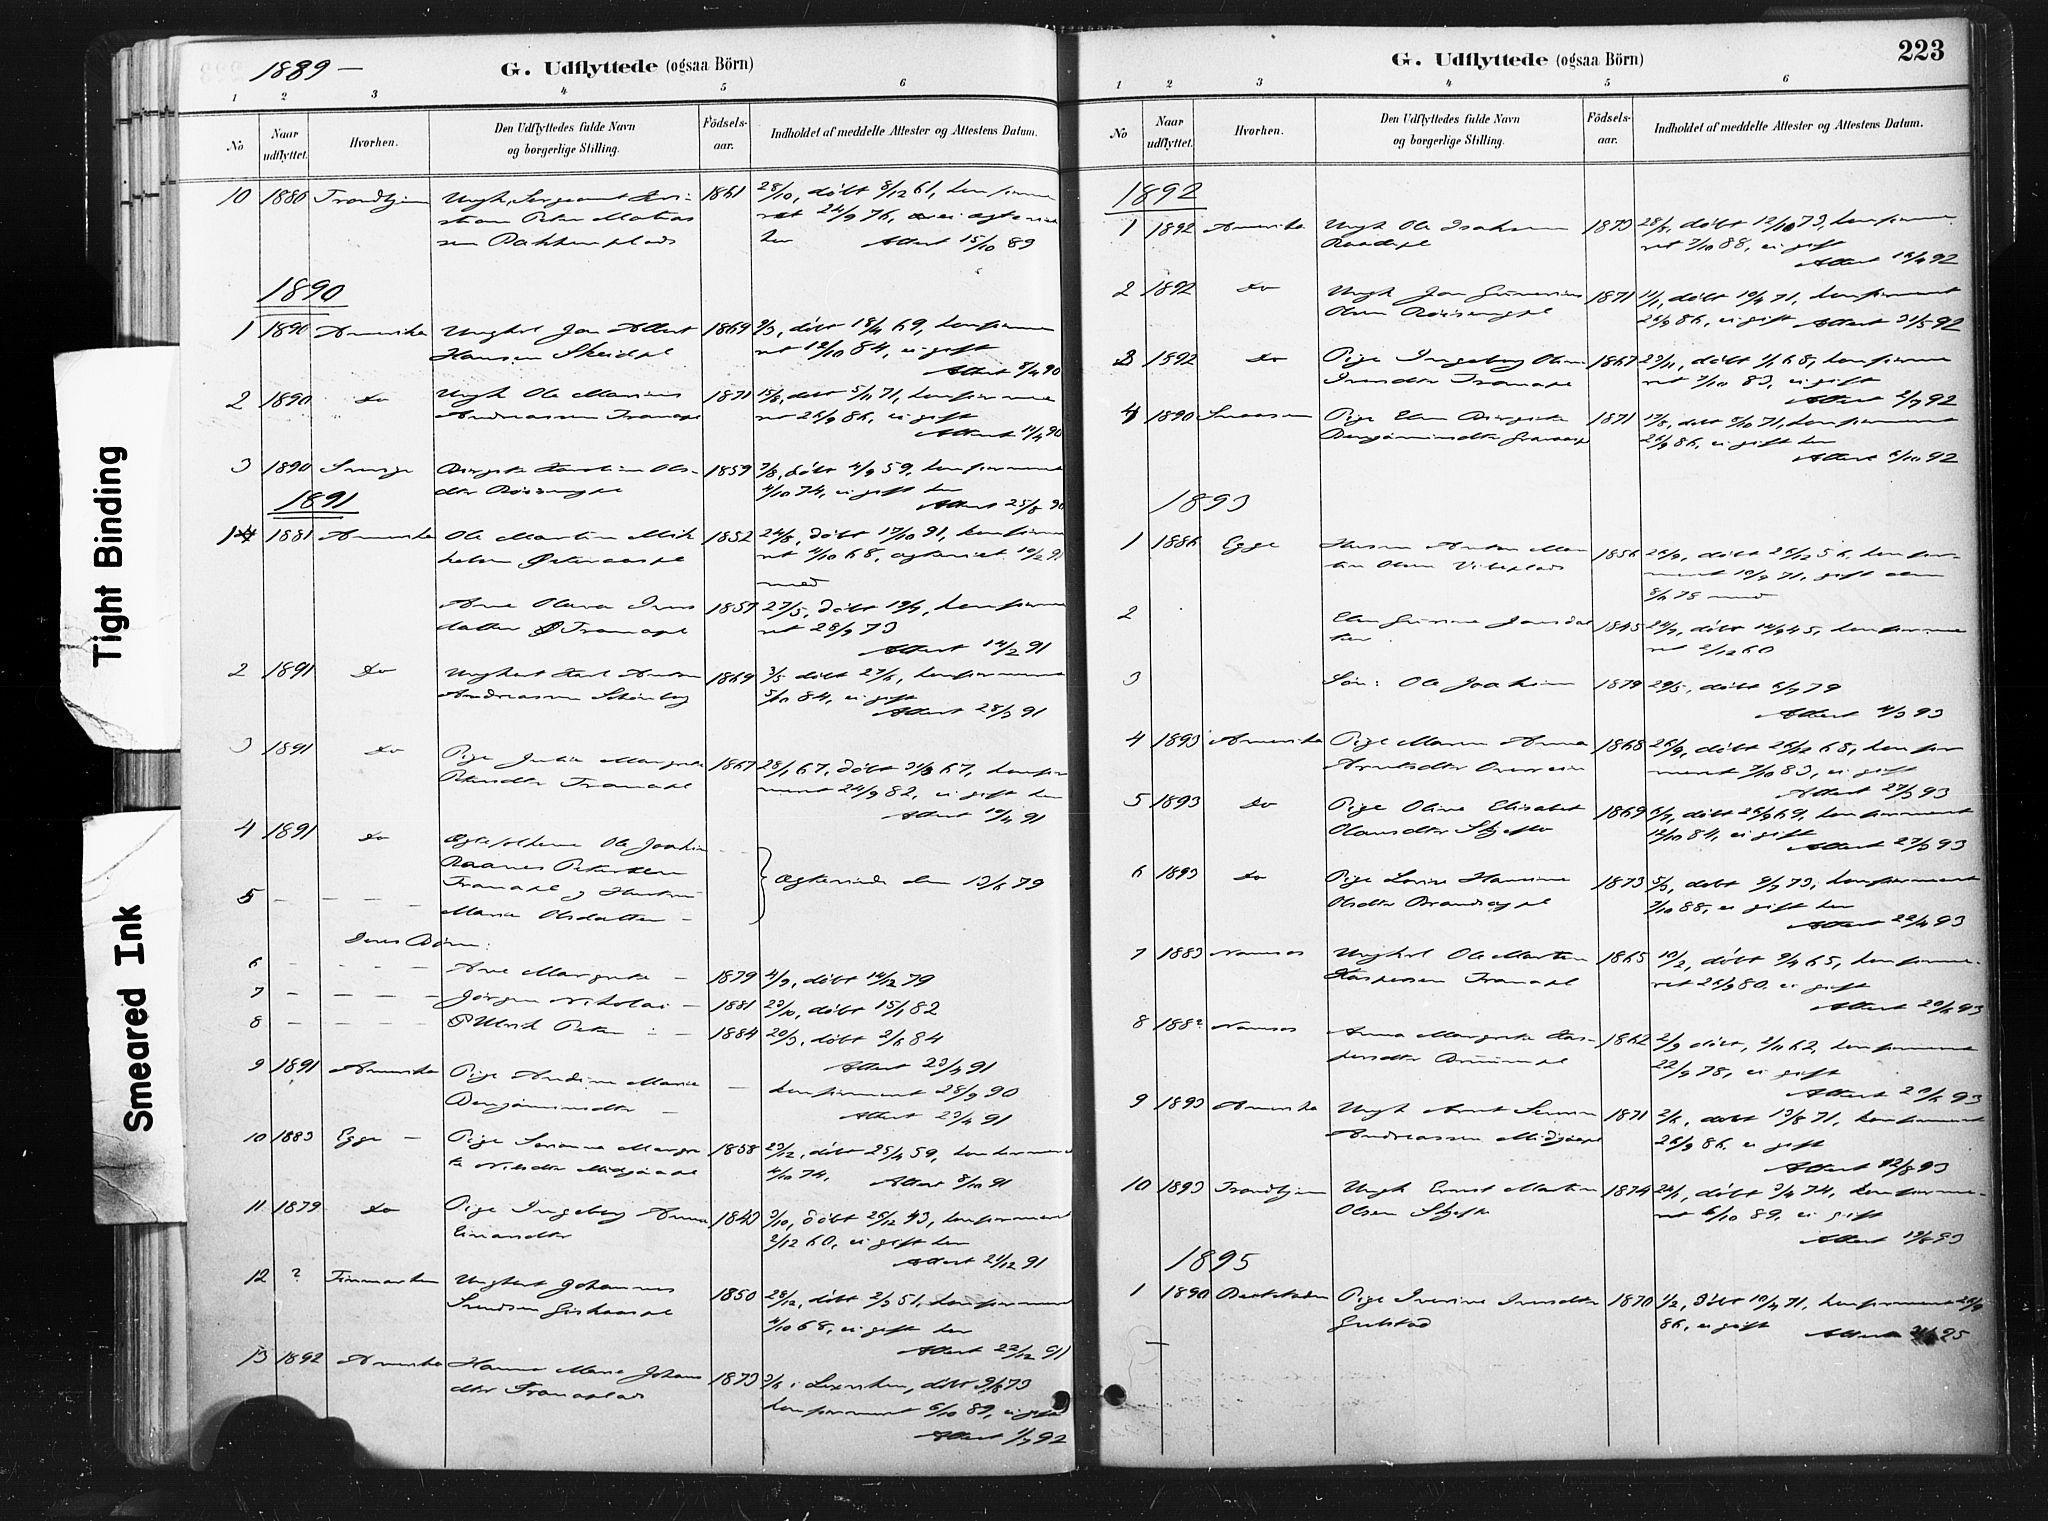 SAT, Ministerialprotokoller, klokkerbøker og fødselsregistre - Nord-Trøndelag, 736/L0361: Ministerialbok nr. 736A01, 1884-1906, s. 223